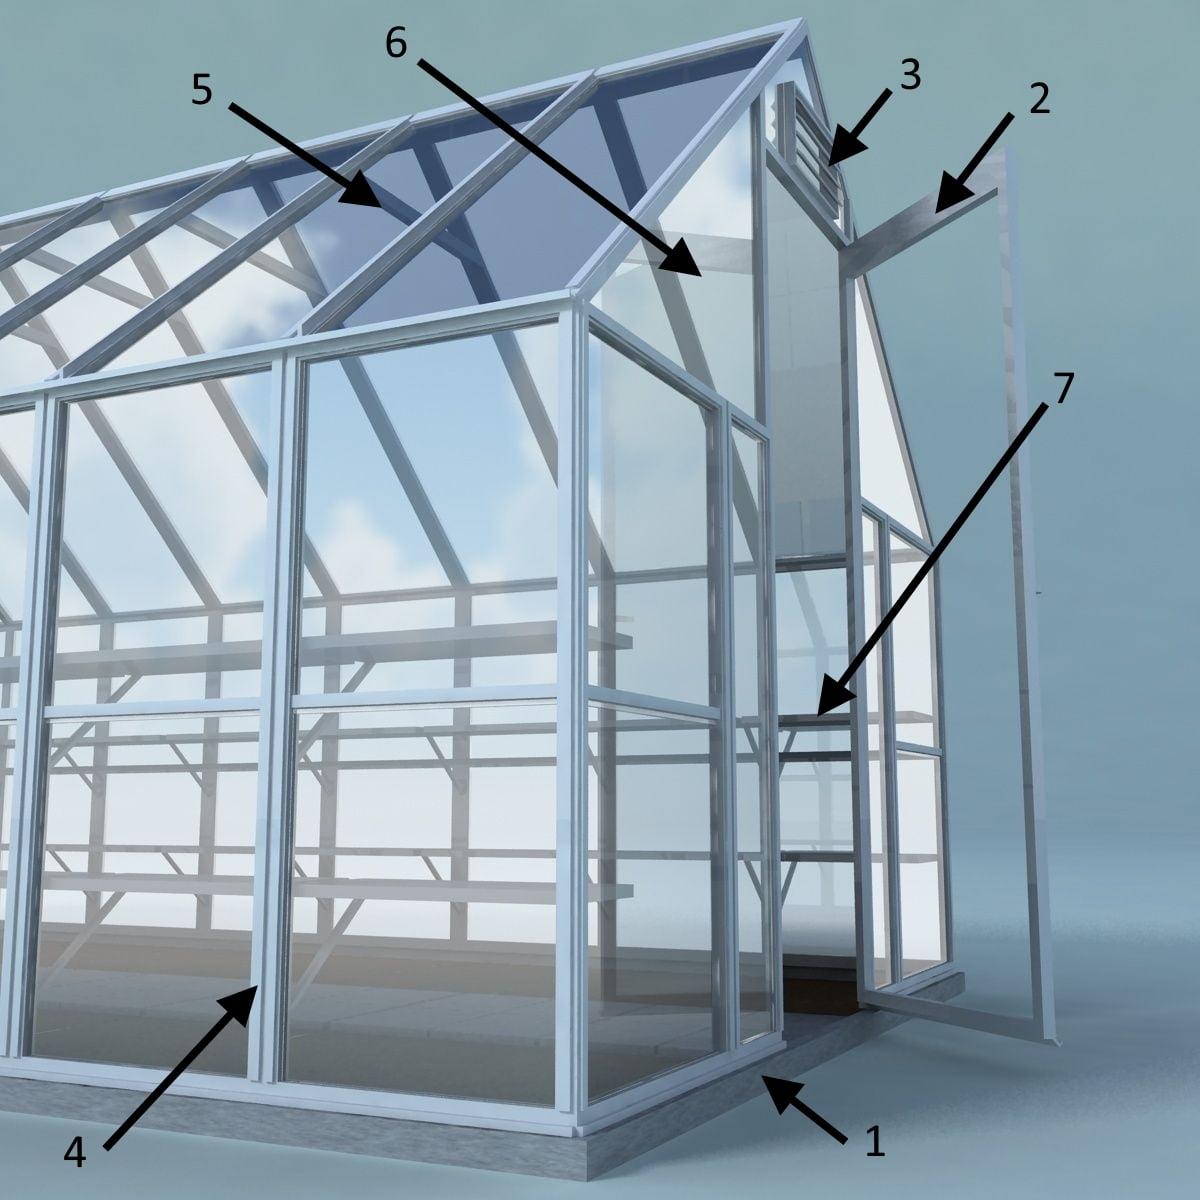 структурная схема теплиц из алюминия